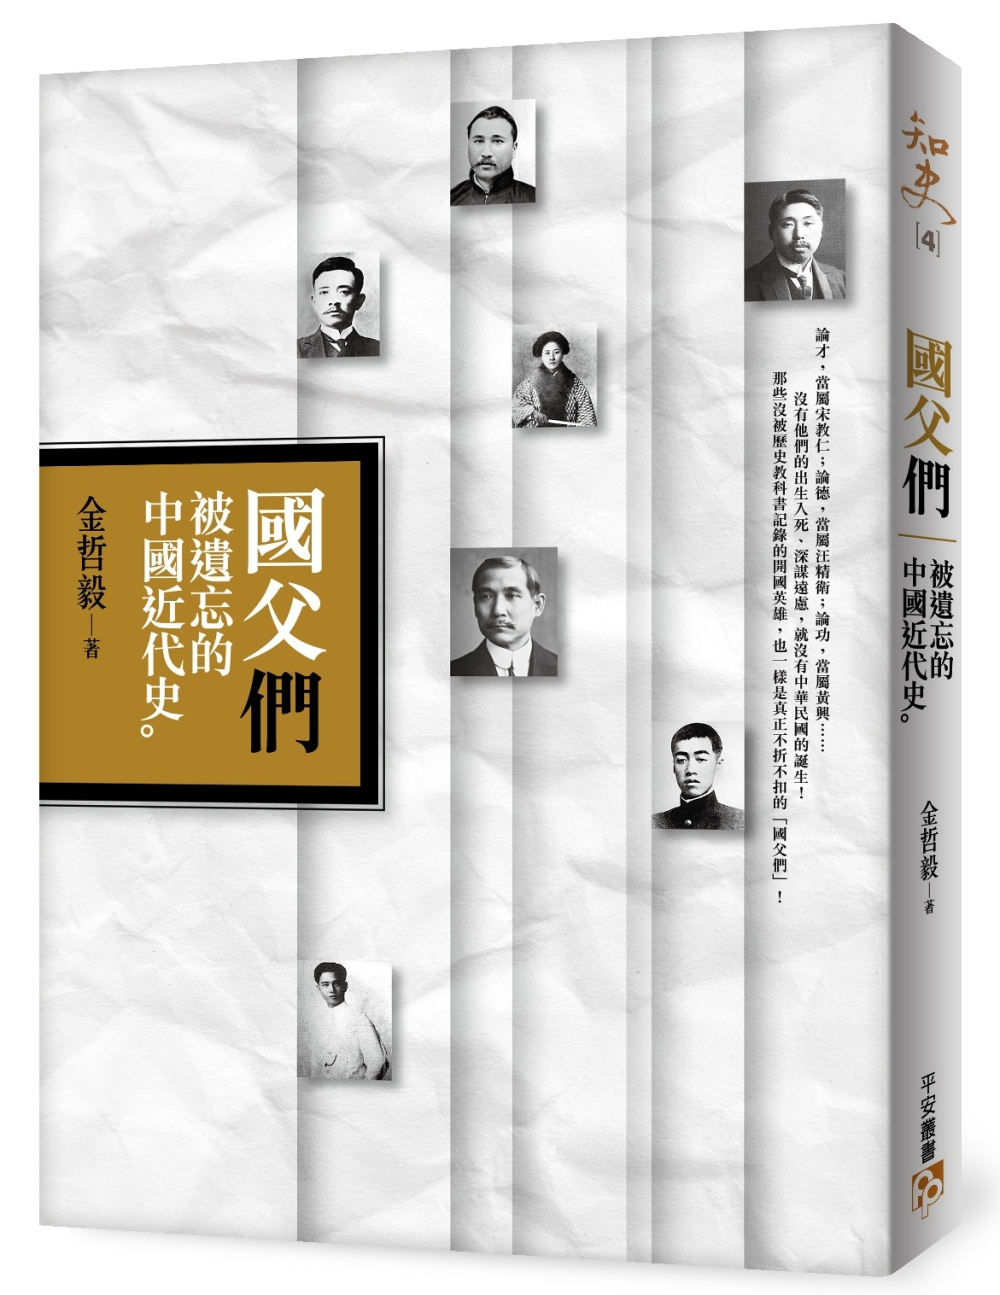 國父「們」︰被遺忘的中國近代史